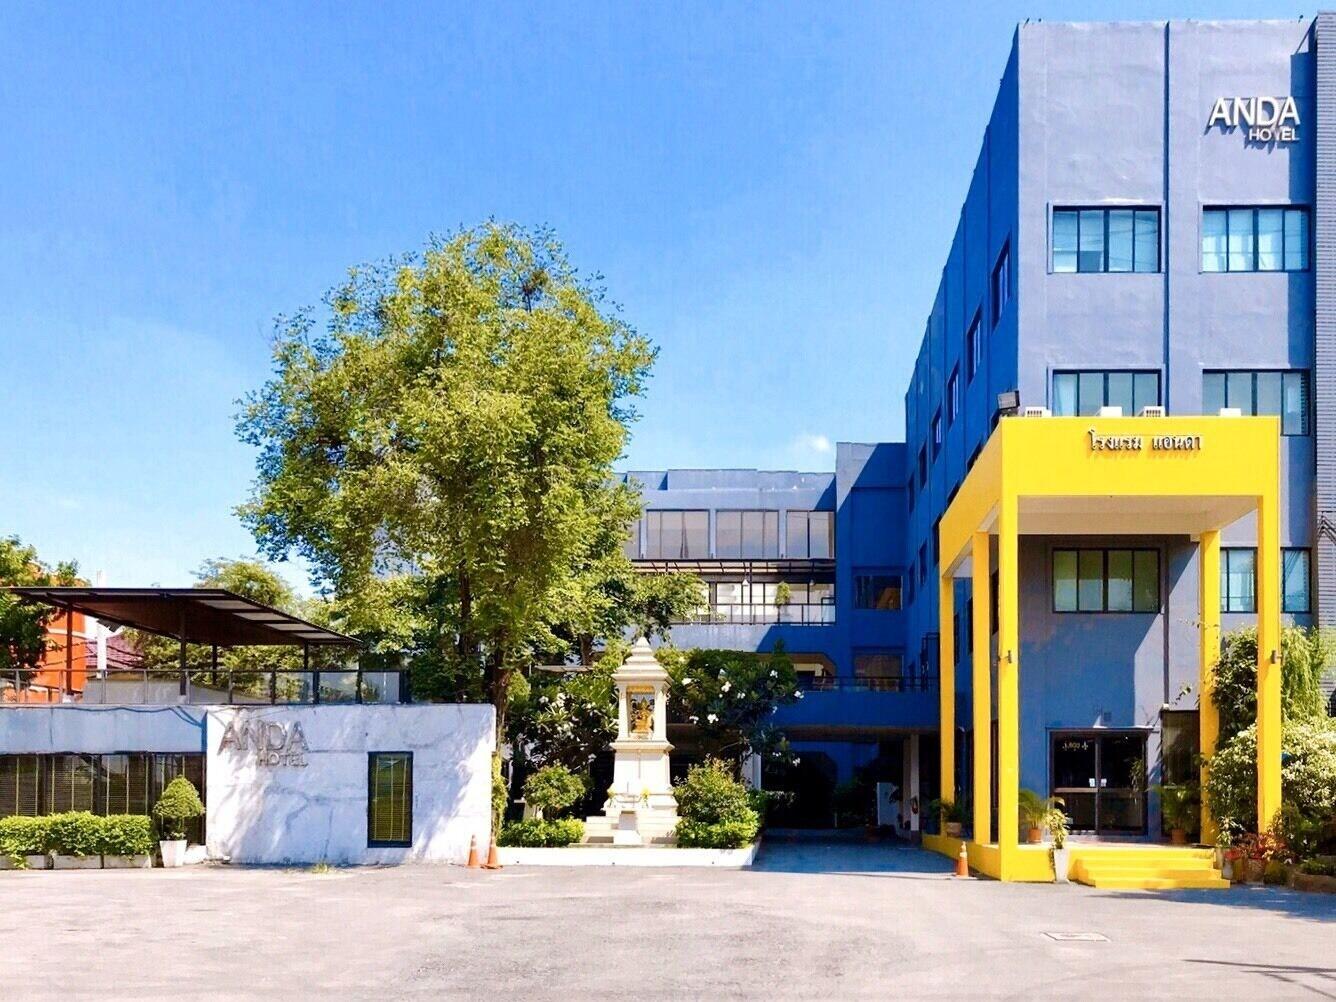 Anda Hotel, Bang Kapi